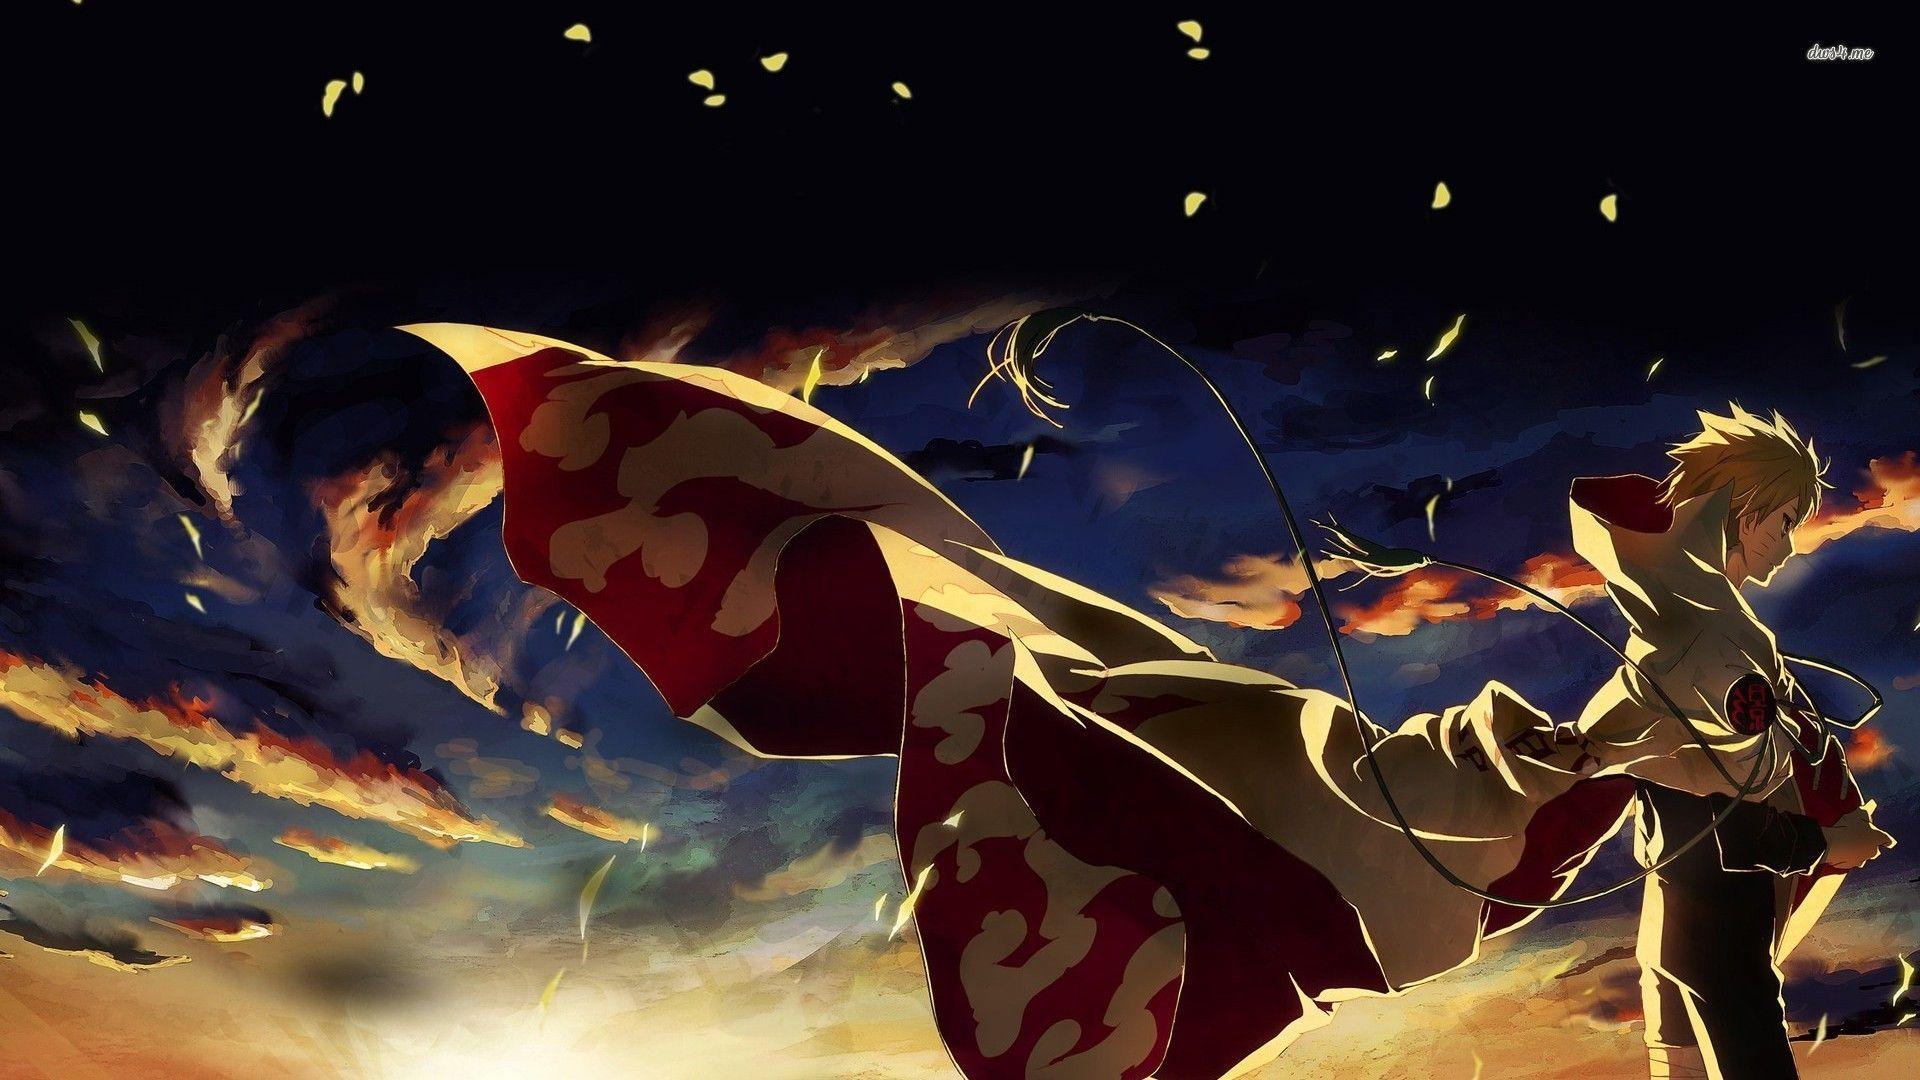 Cool Anime Wallpapers Naruto Hd Anime Wallpapers Anime Wallpaper Download Naruto Wallpaper